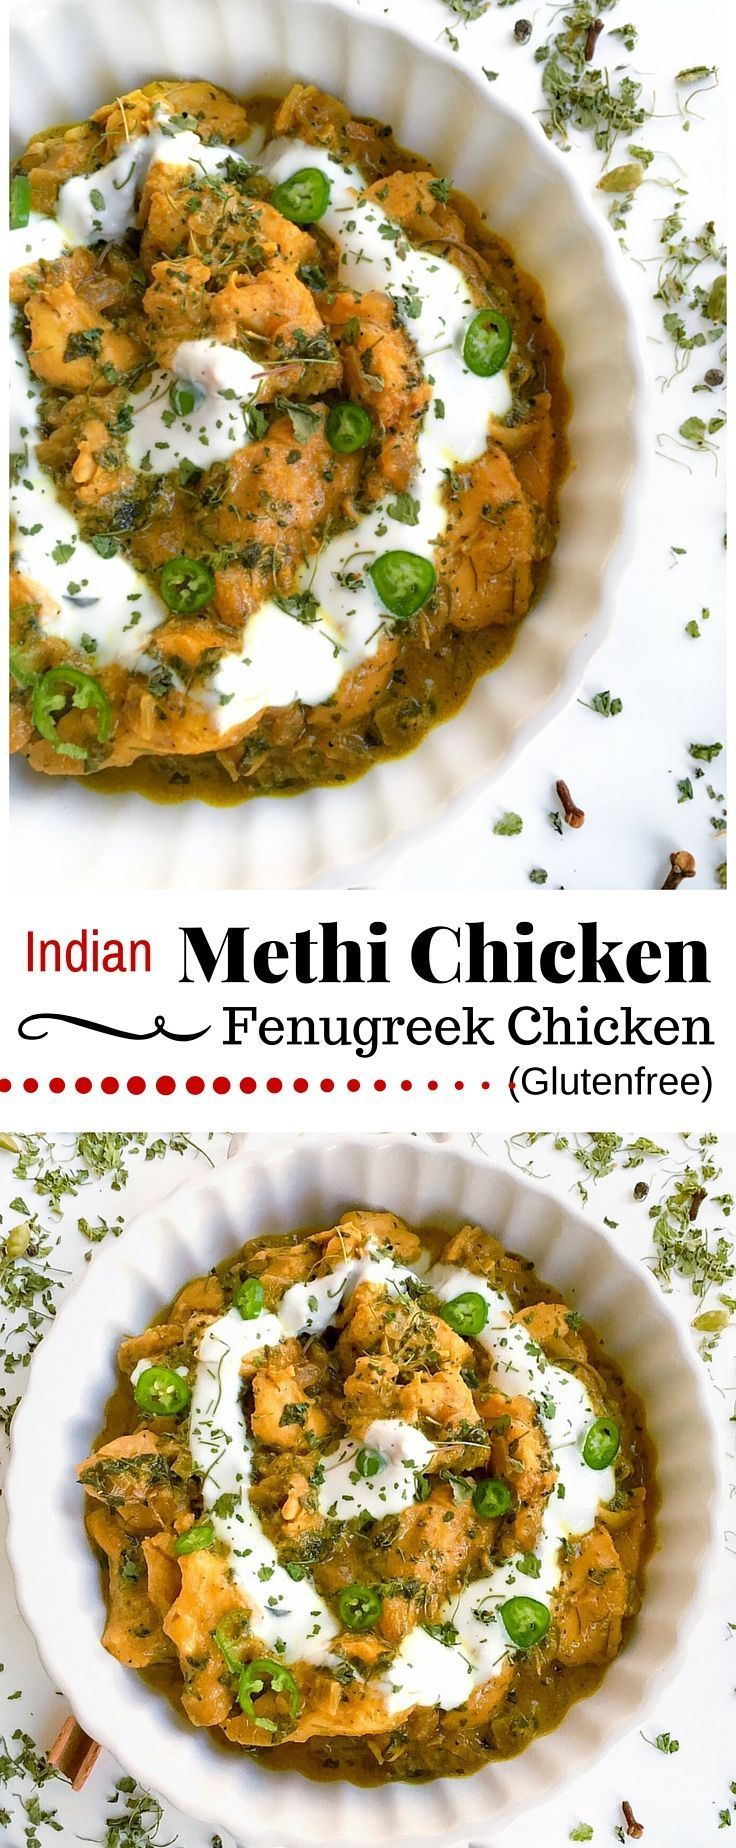 Indian Methi Chicken / Murg Methi / Fenugreek Chicken : #methi #chicken #glutenfree #recipe #curry